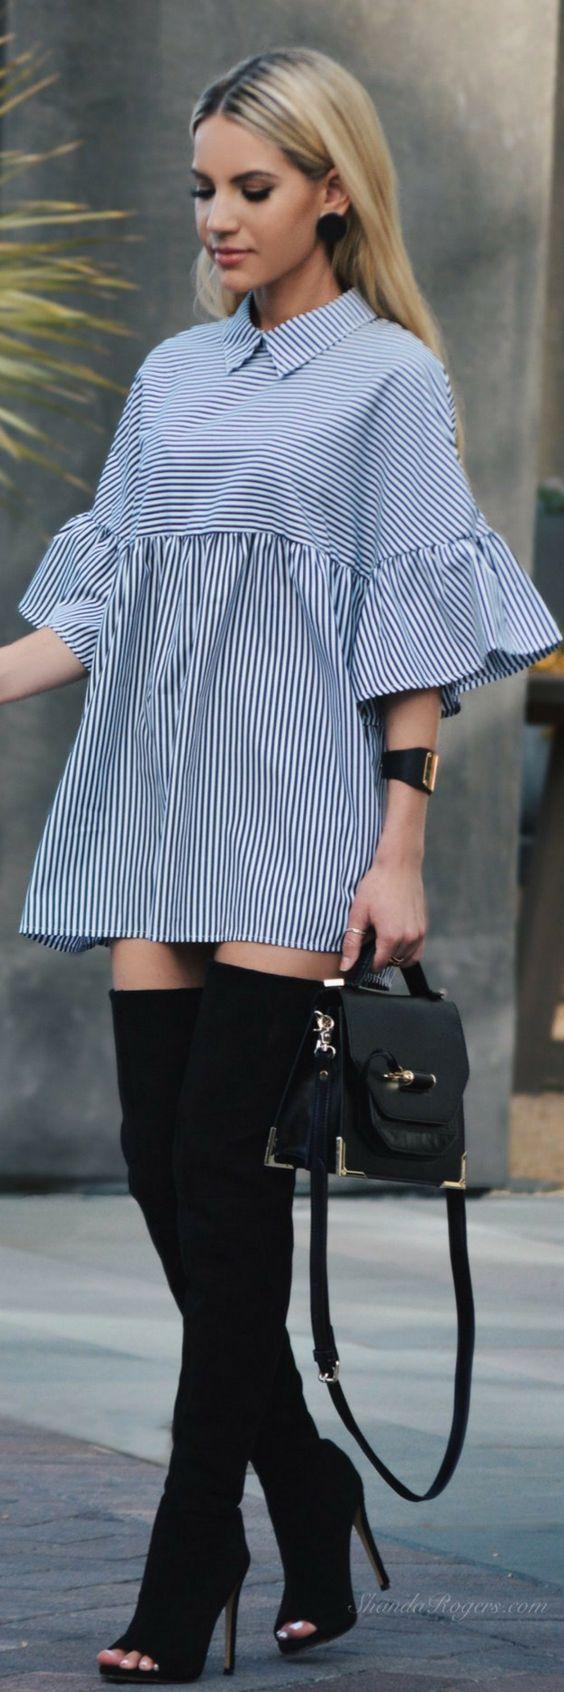 OTK boots and striped mini dress